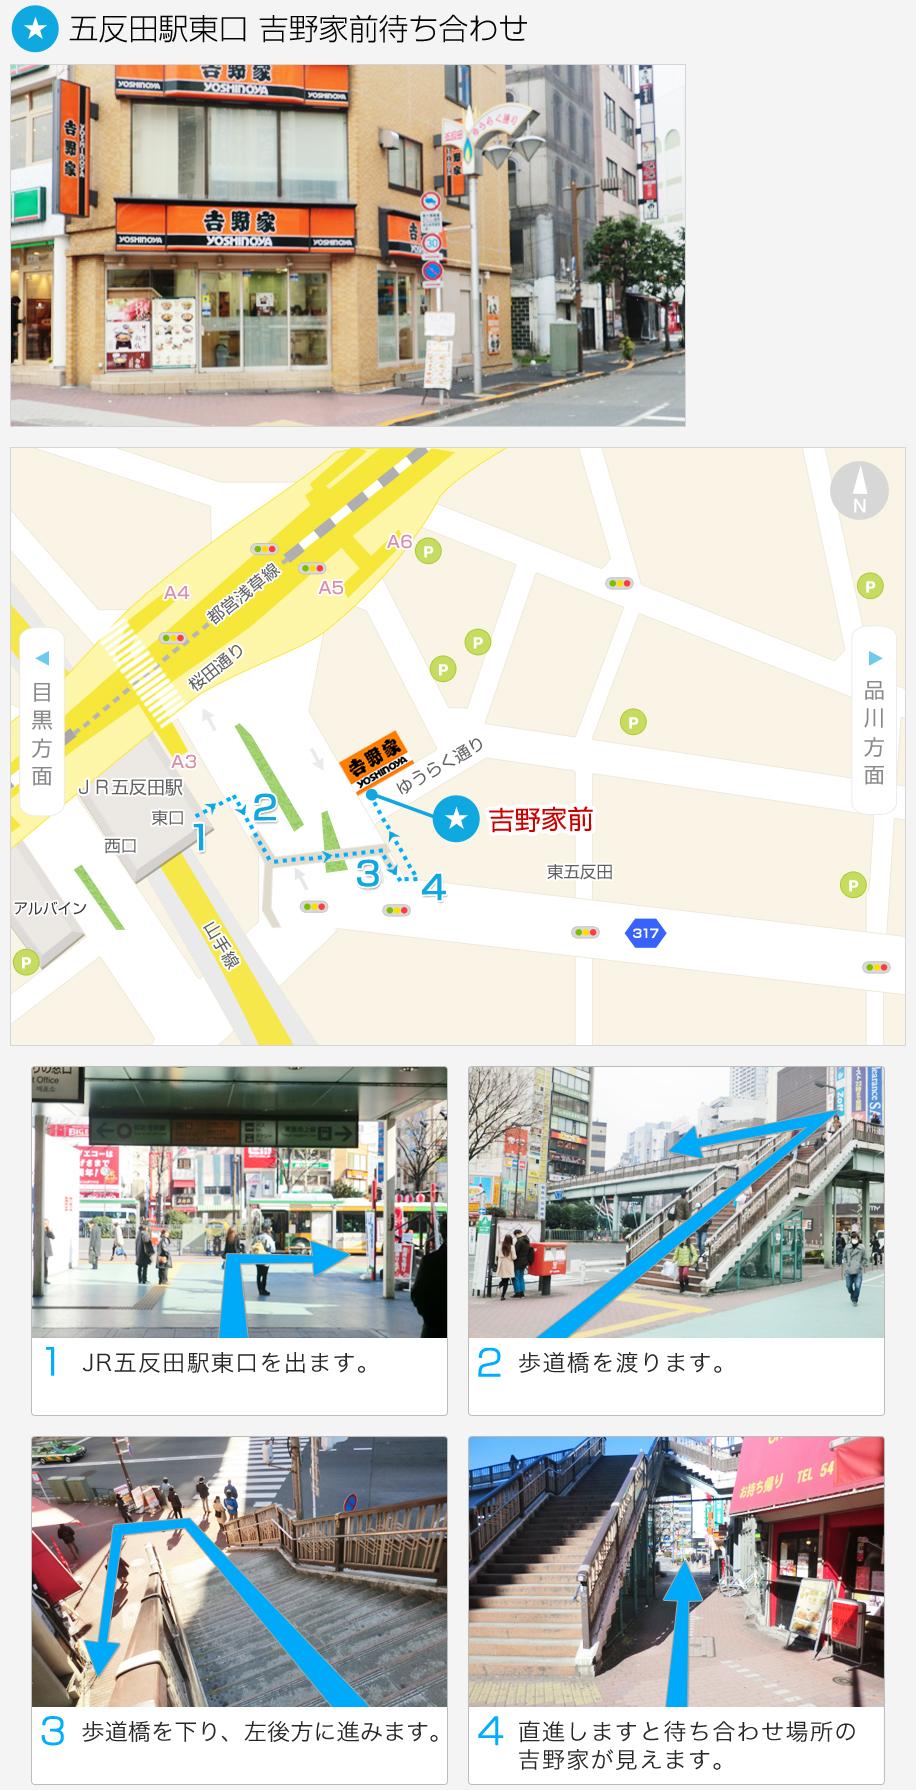 五反田店待ち合わせ地図